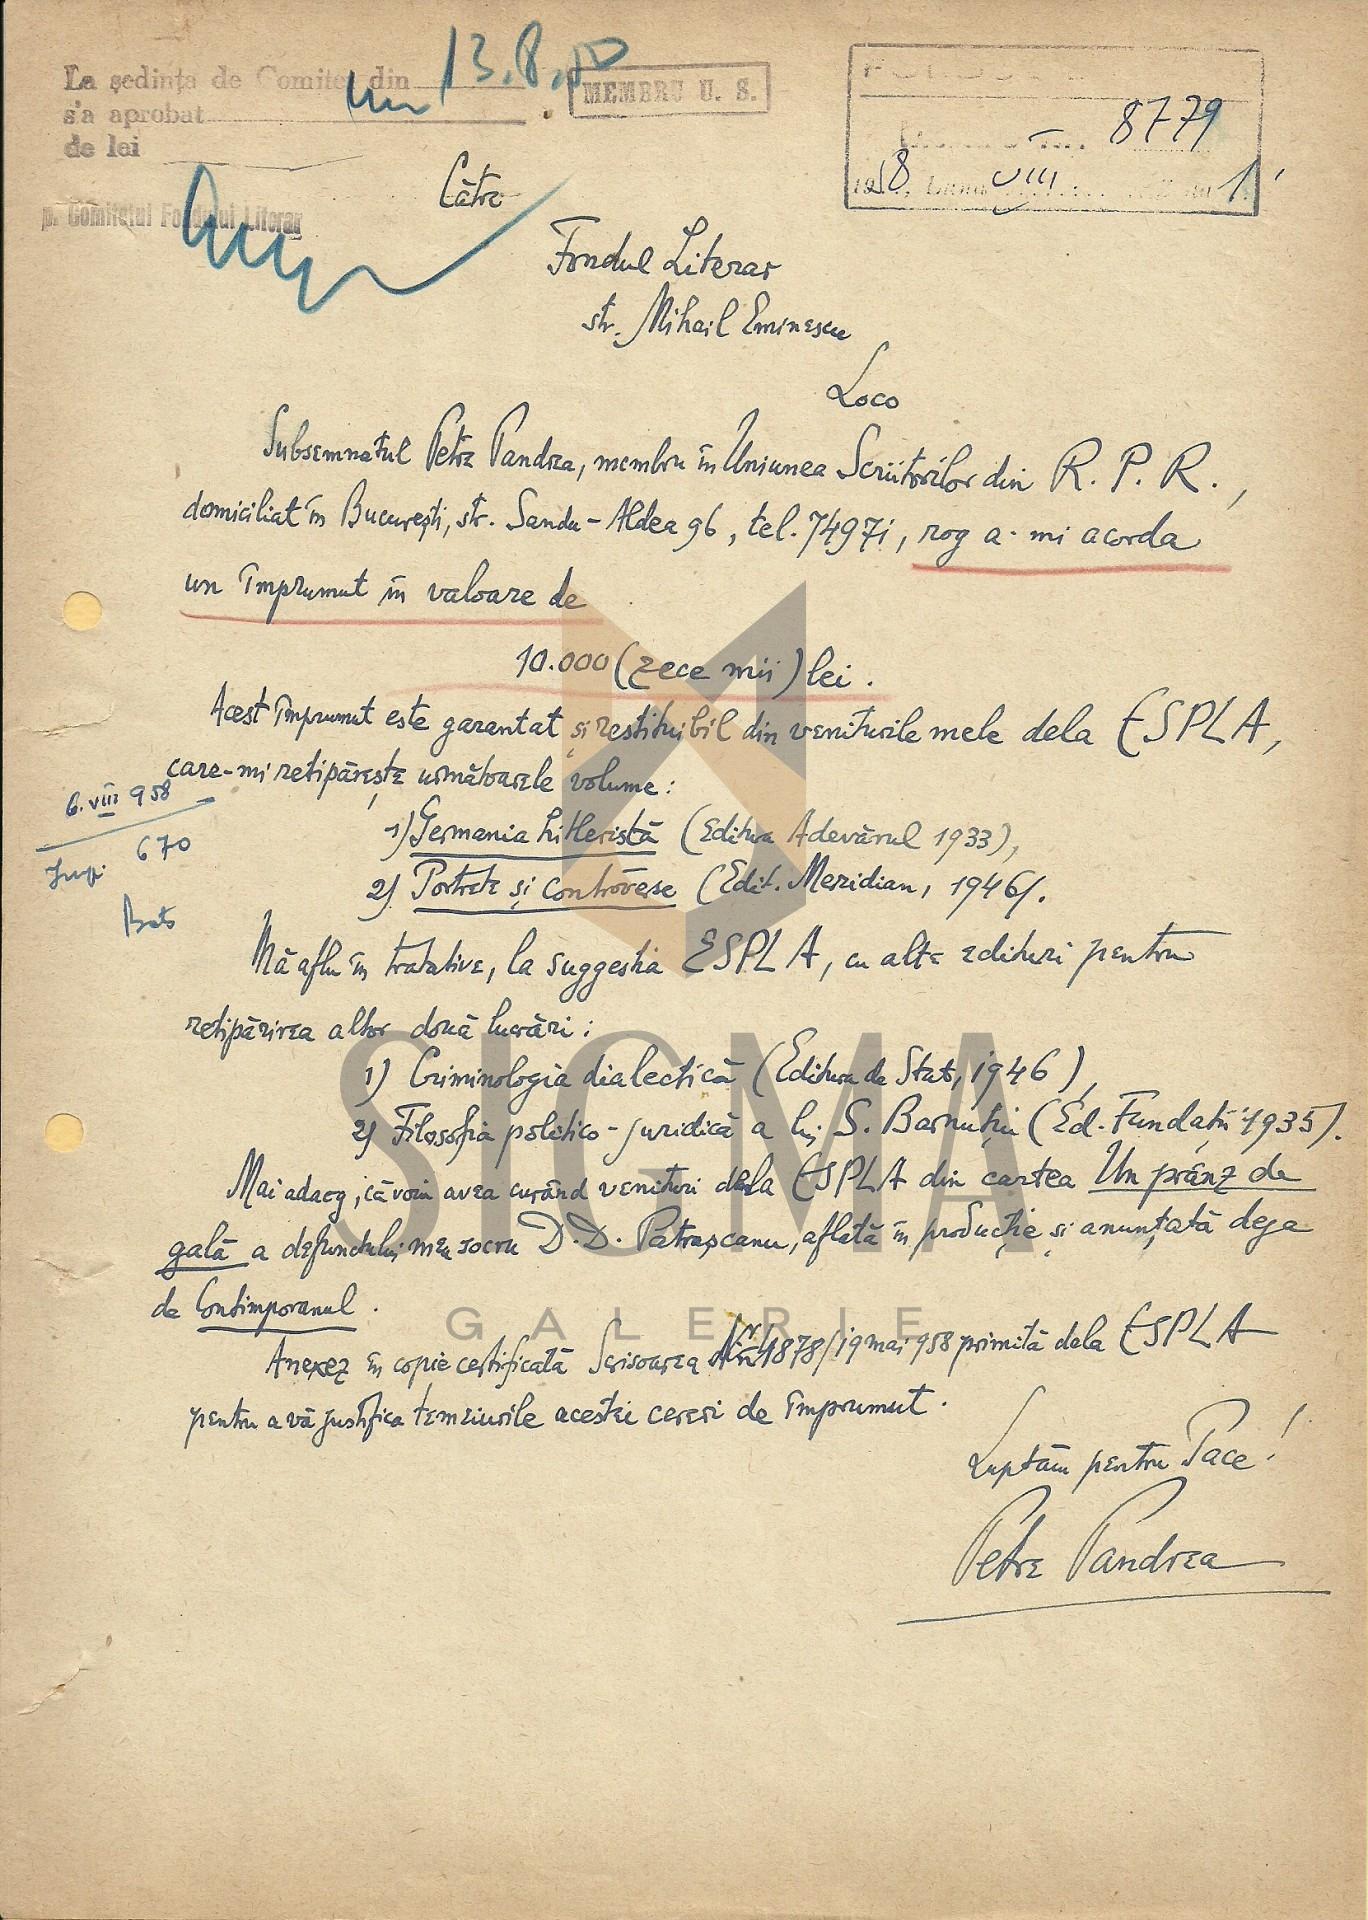 PETRE PANDREA, CERERE DE IMPRUMUT CATRE UNIUNEA SCRIITORILOR, 1958